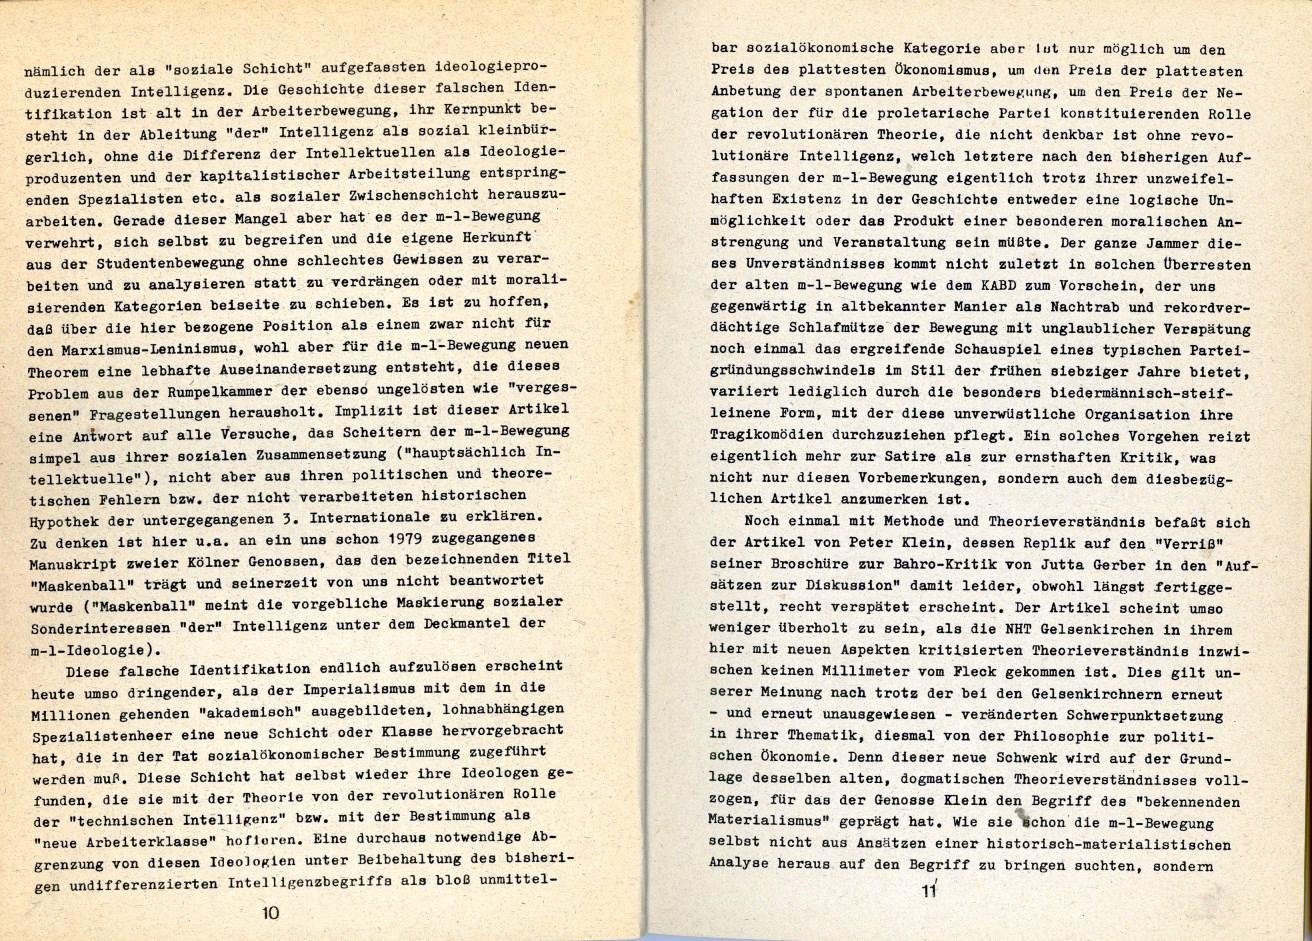 Erlangen_VNS_Neue_Stroemung_1981_04_07